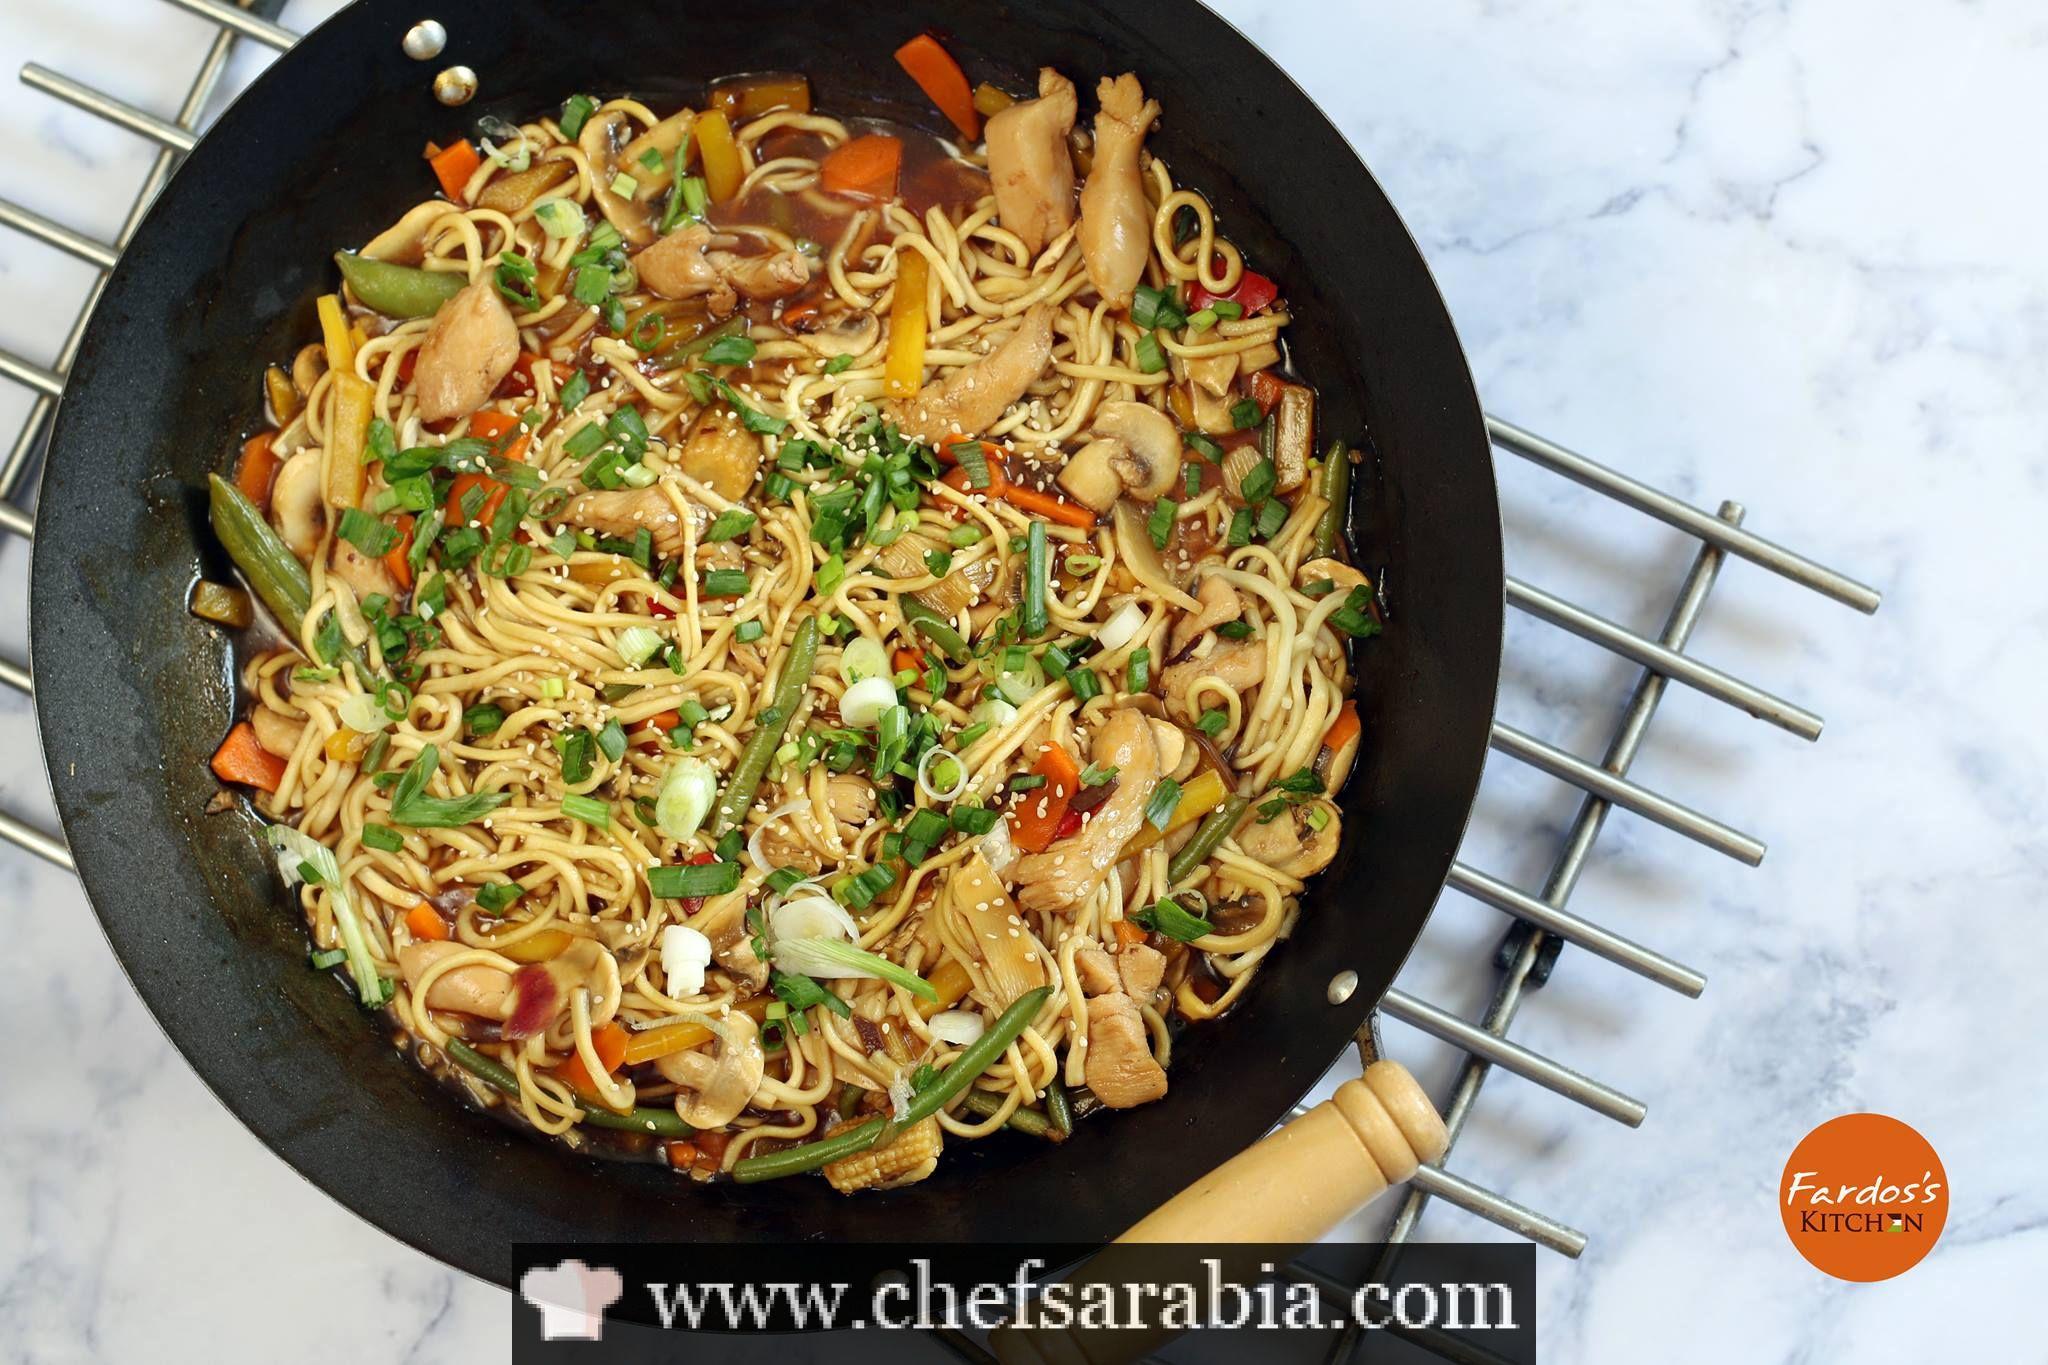 نودلز صيني بالخضار Quick Easy Meals Quick Recipes Chicken Recipes